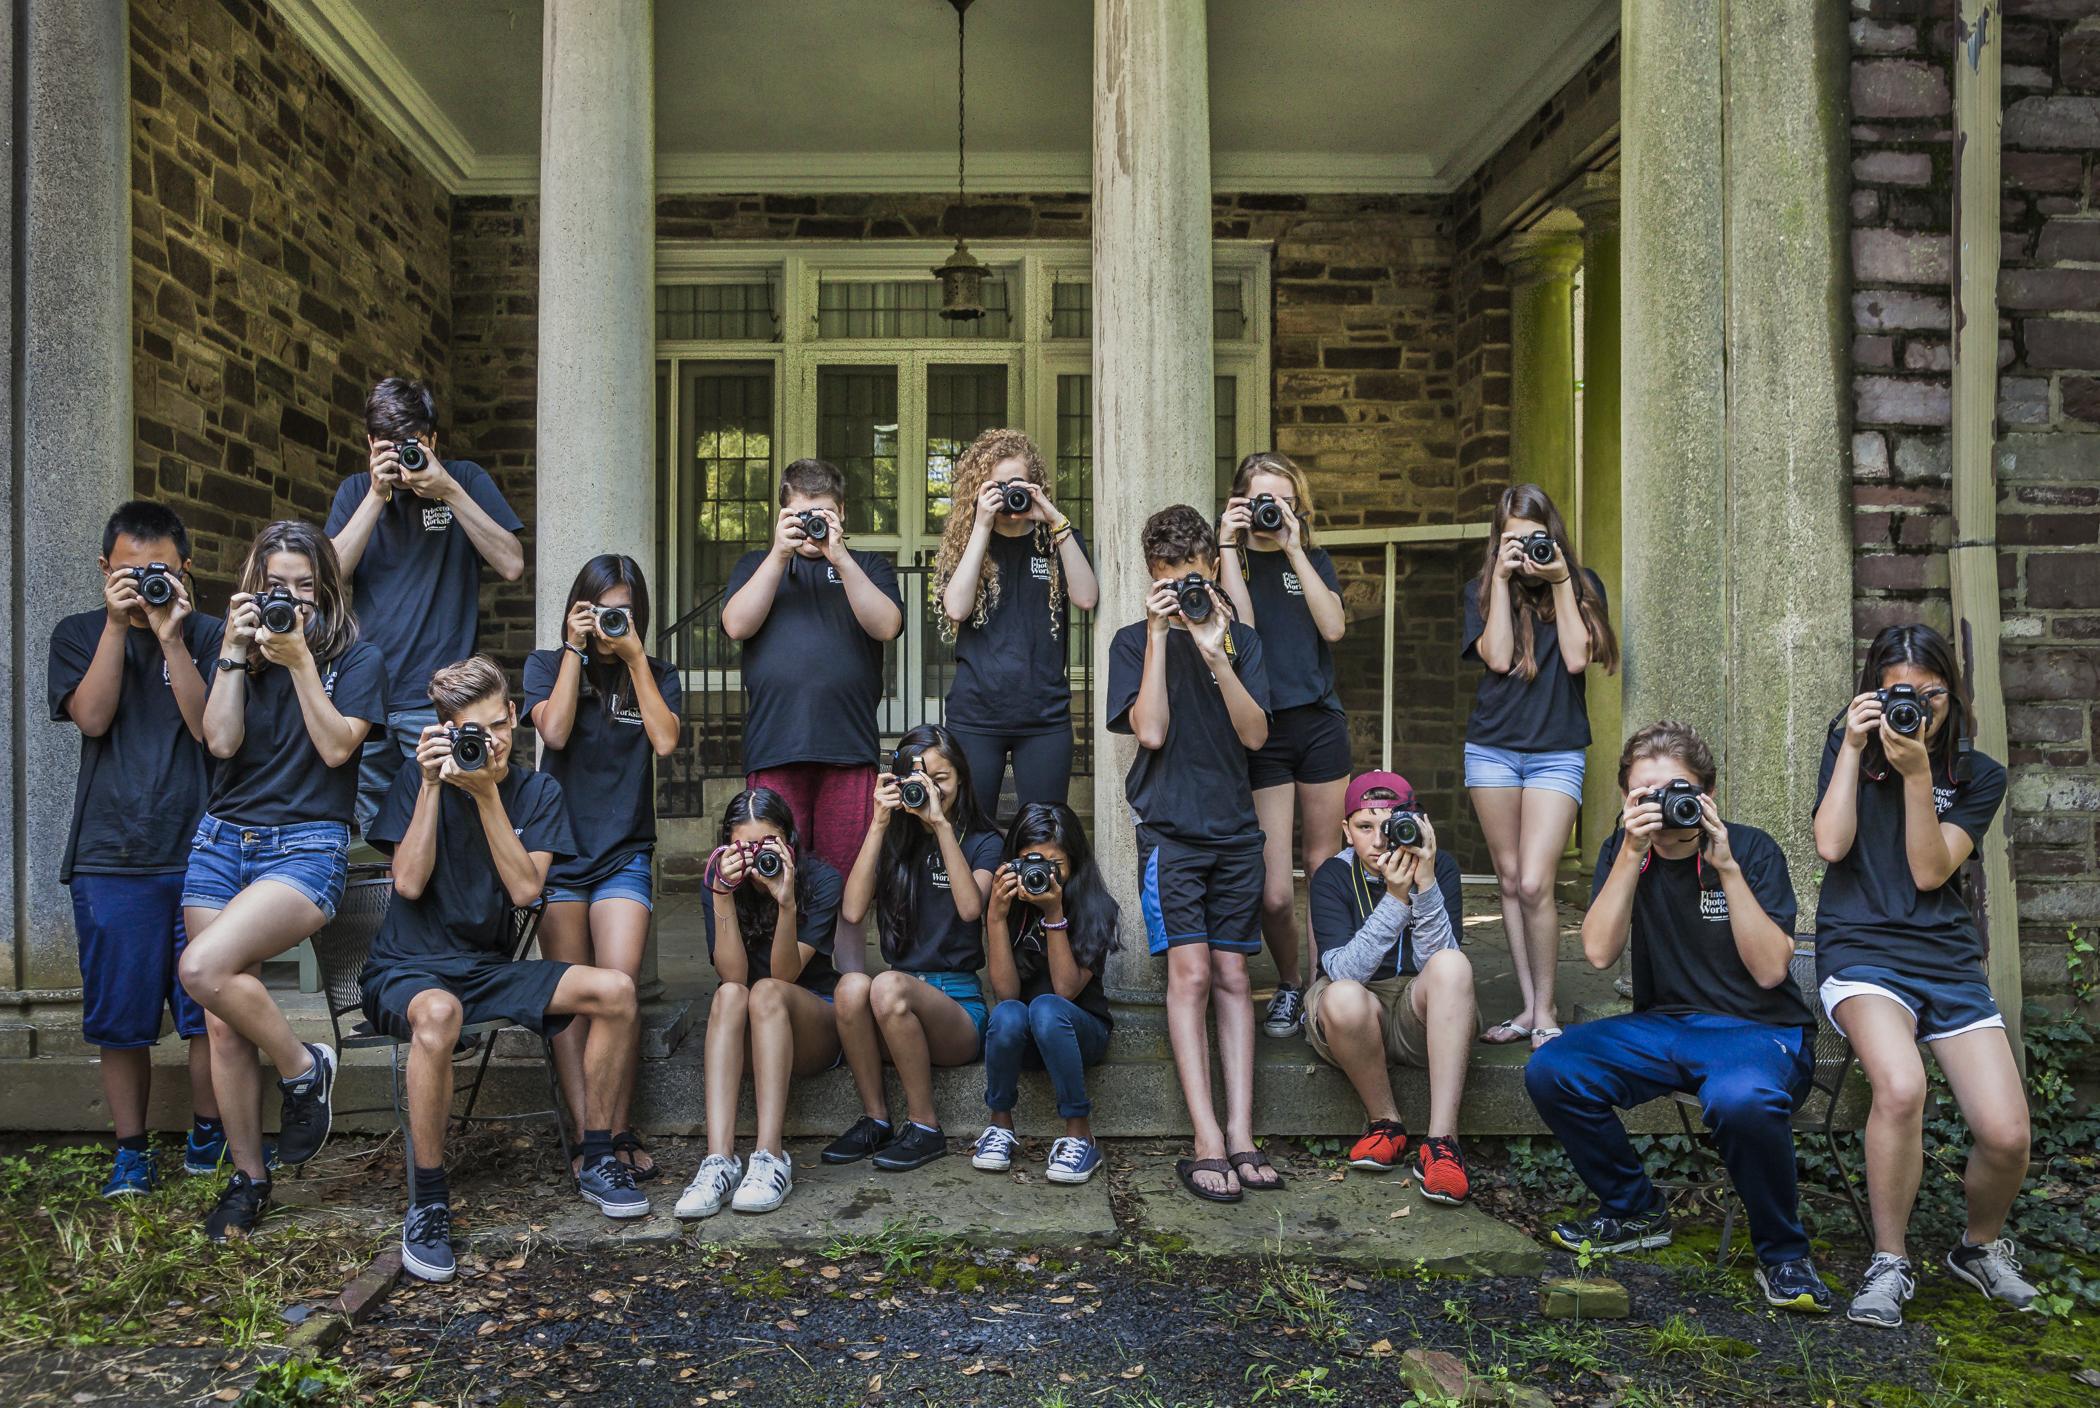 teen_photo_camp_2017_lo_res_proof_3282-frankveronsky.com.jpg